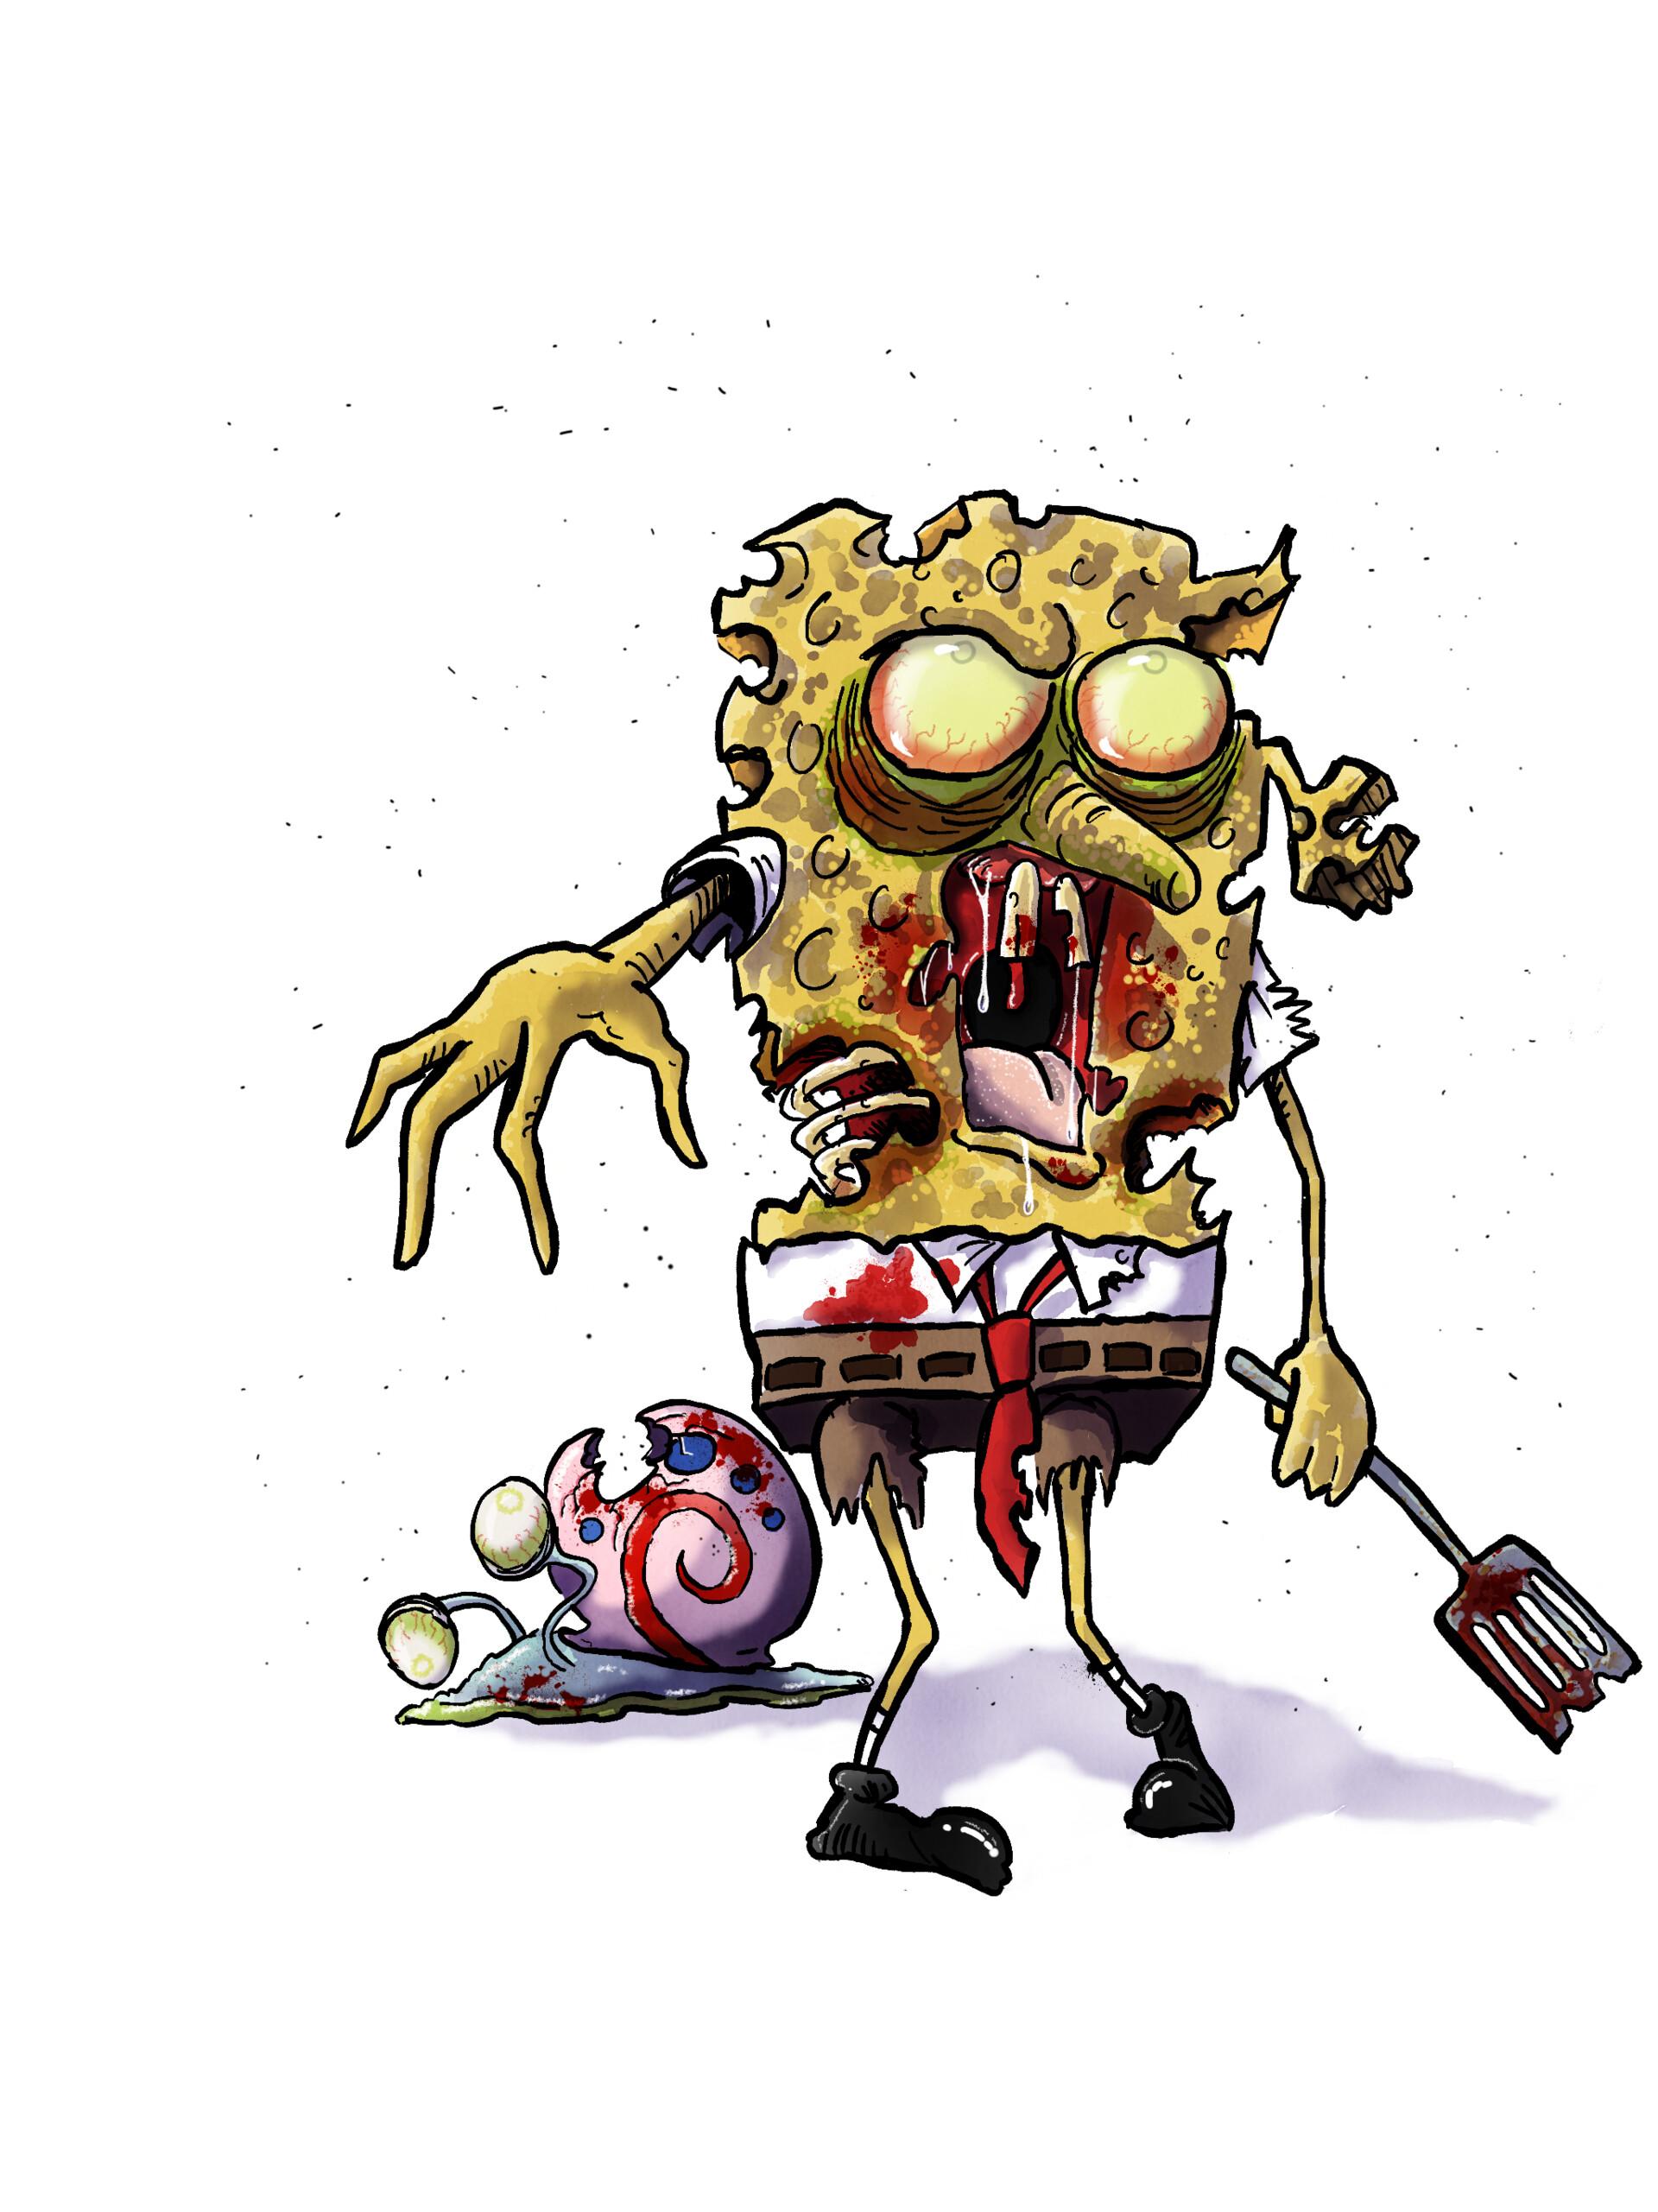 90 Gambar Spongebob Lucu Keren 3D Sedih Zombie